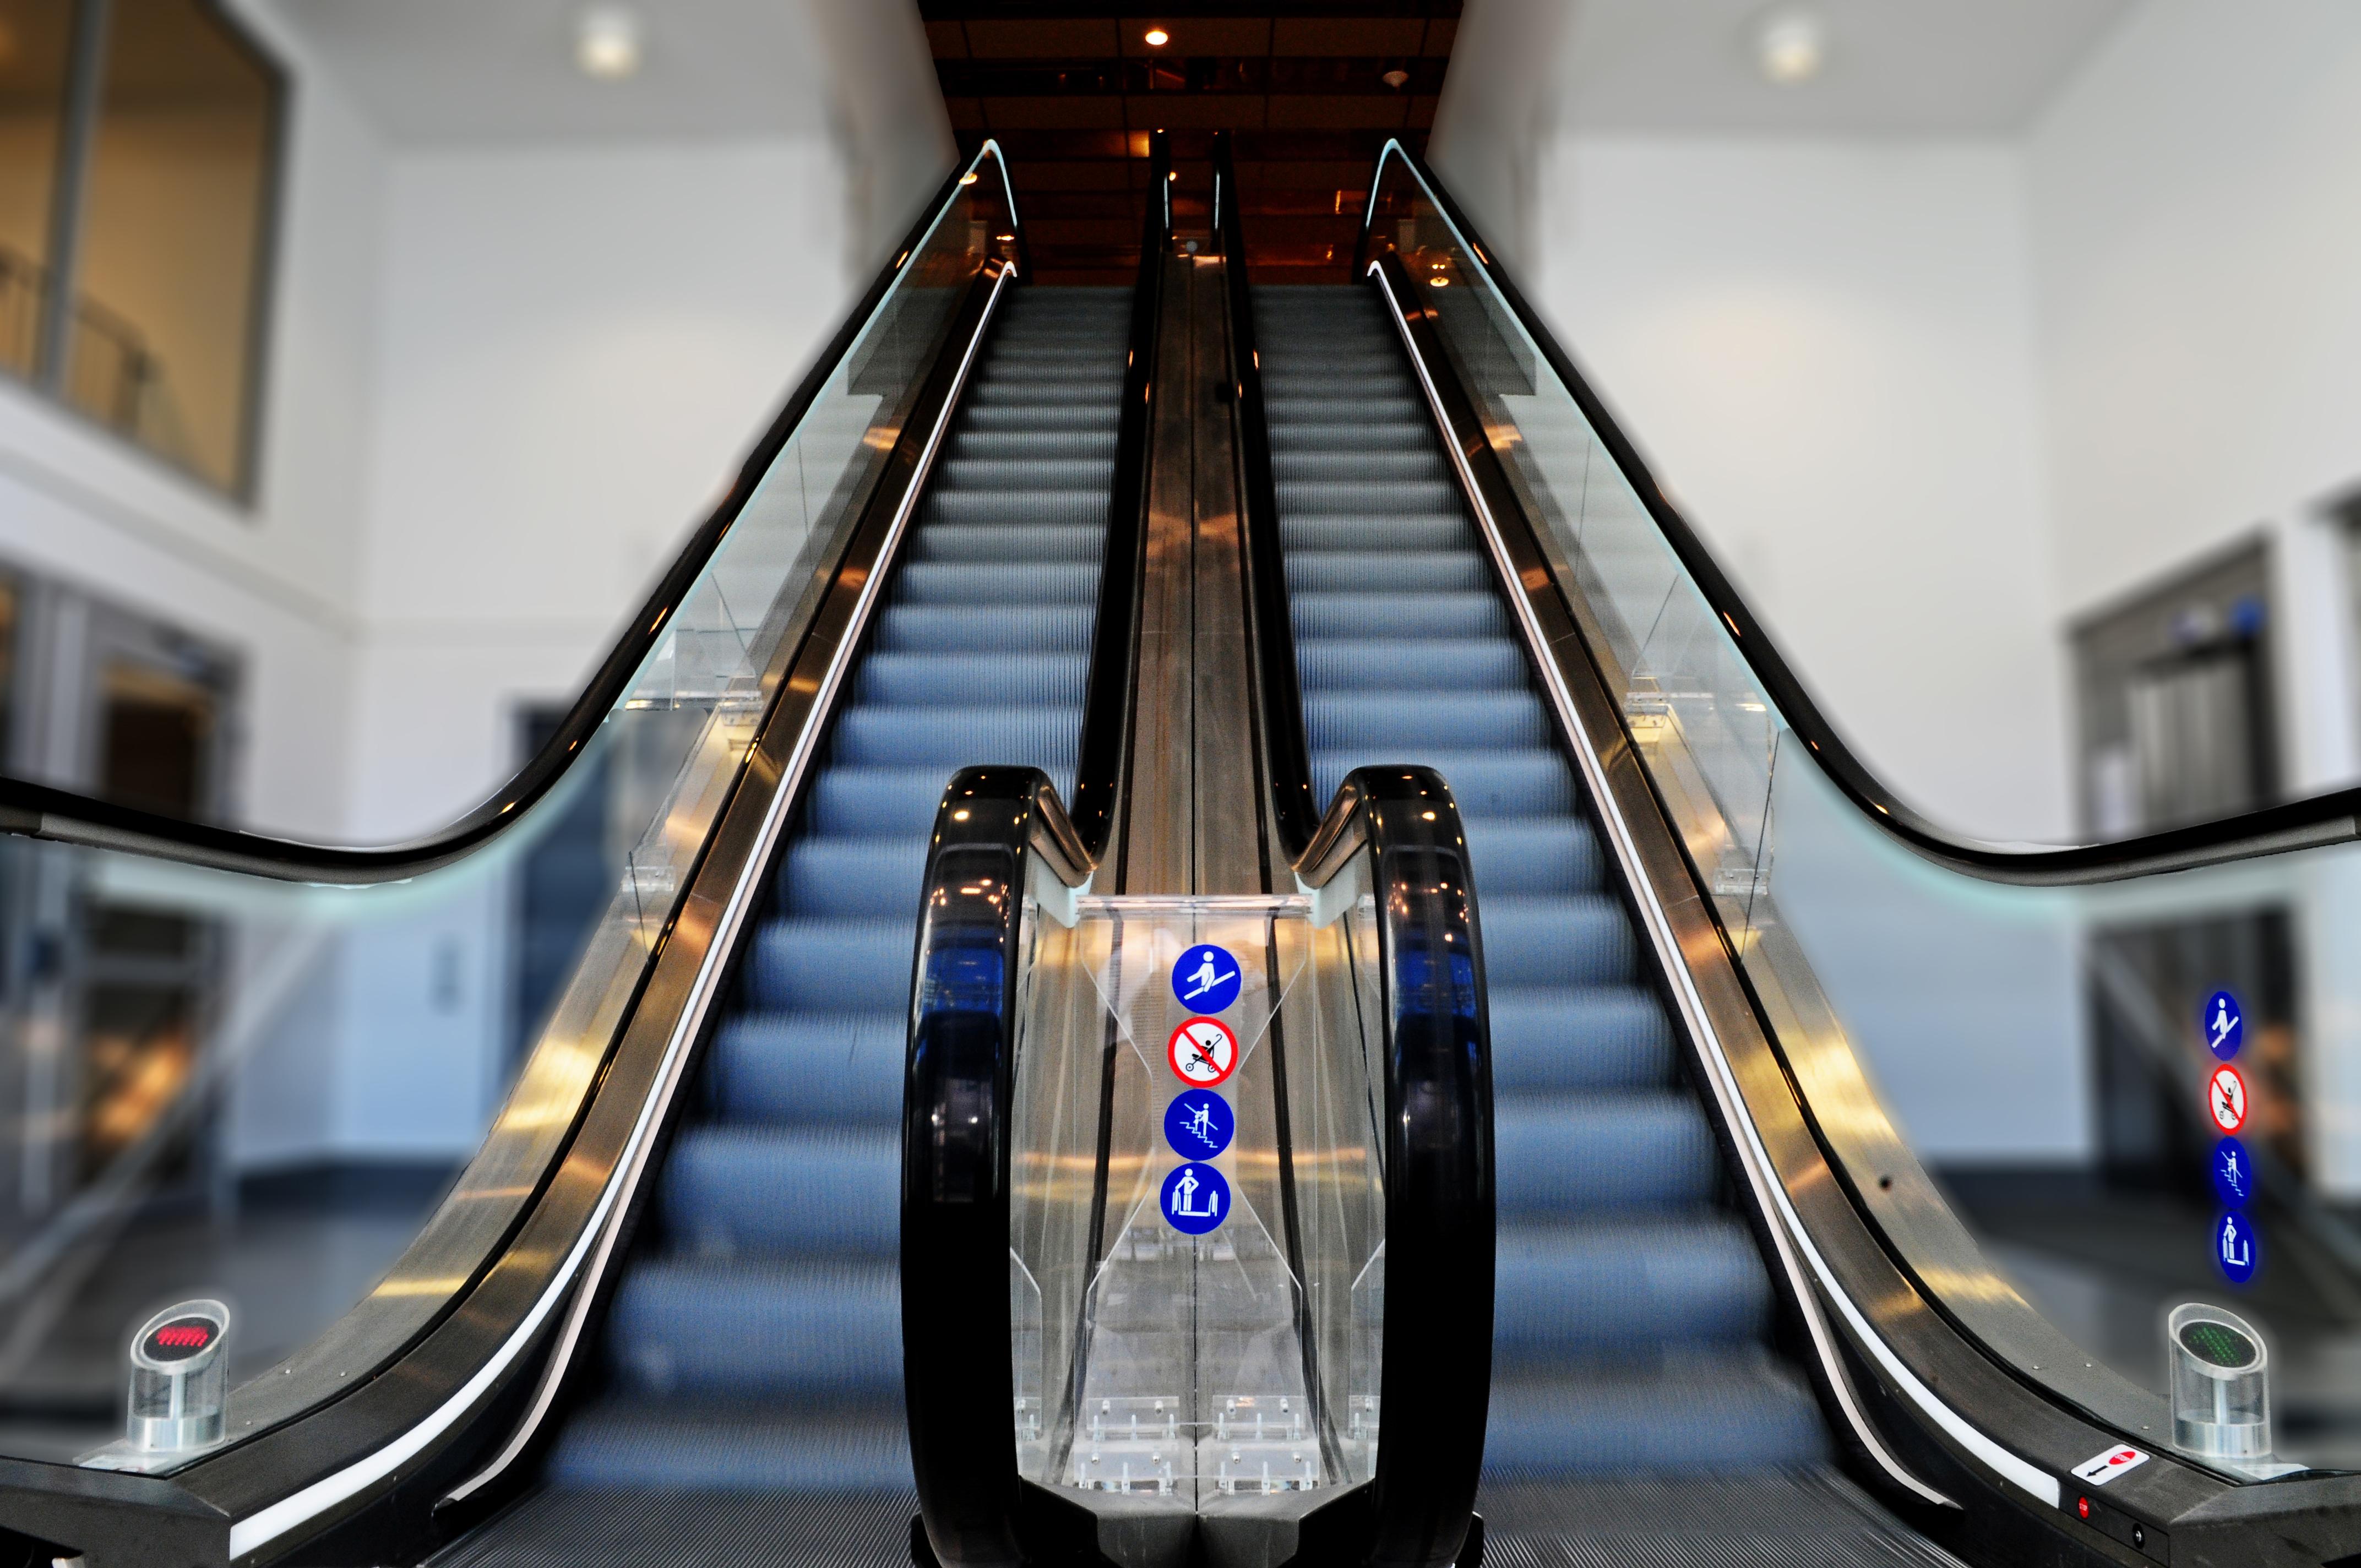 Mantenimiento a elevadores en monterrey reparacion de for Mantenimiento de albercas monterrey